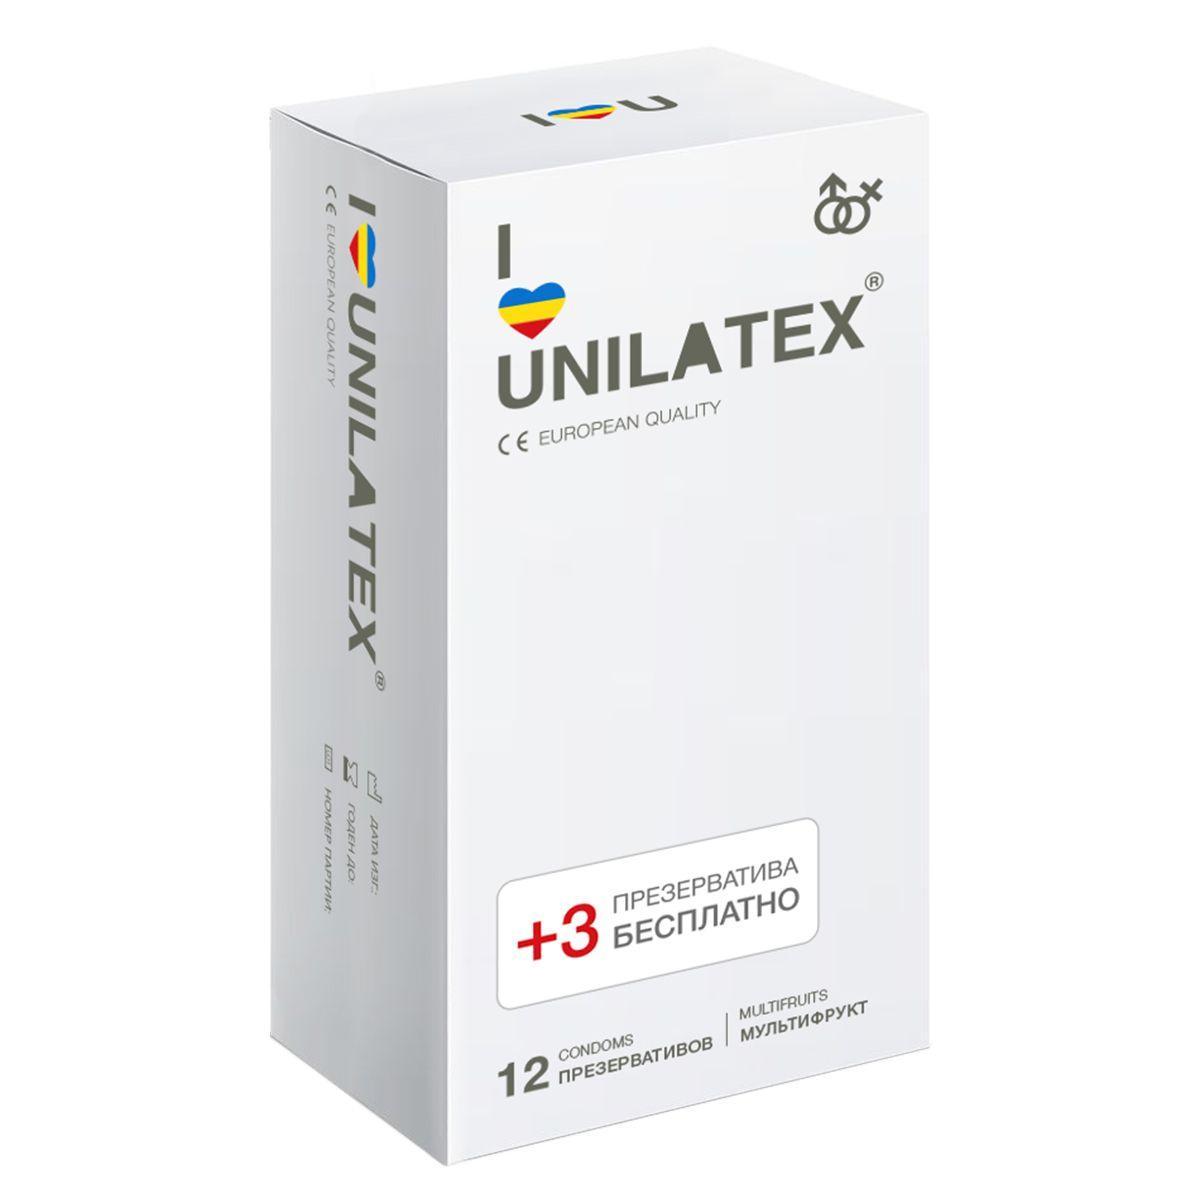 Разноцветные ароматизированные презервативы Unilatex Multifruit - 12 шт. + 3 шт. в подарок